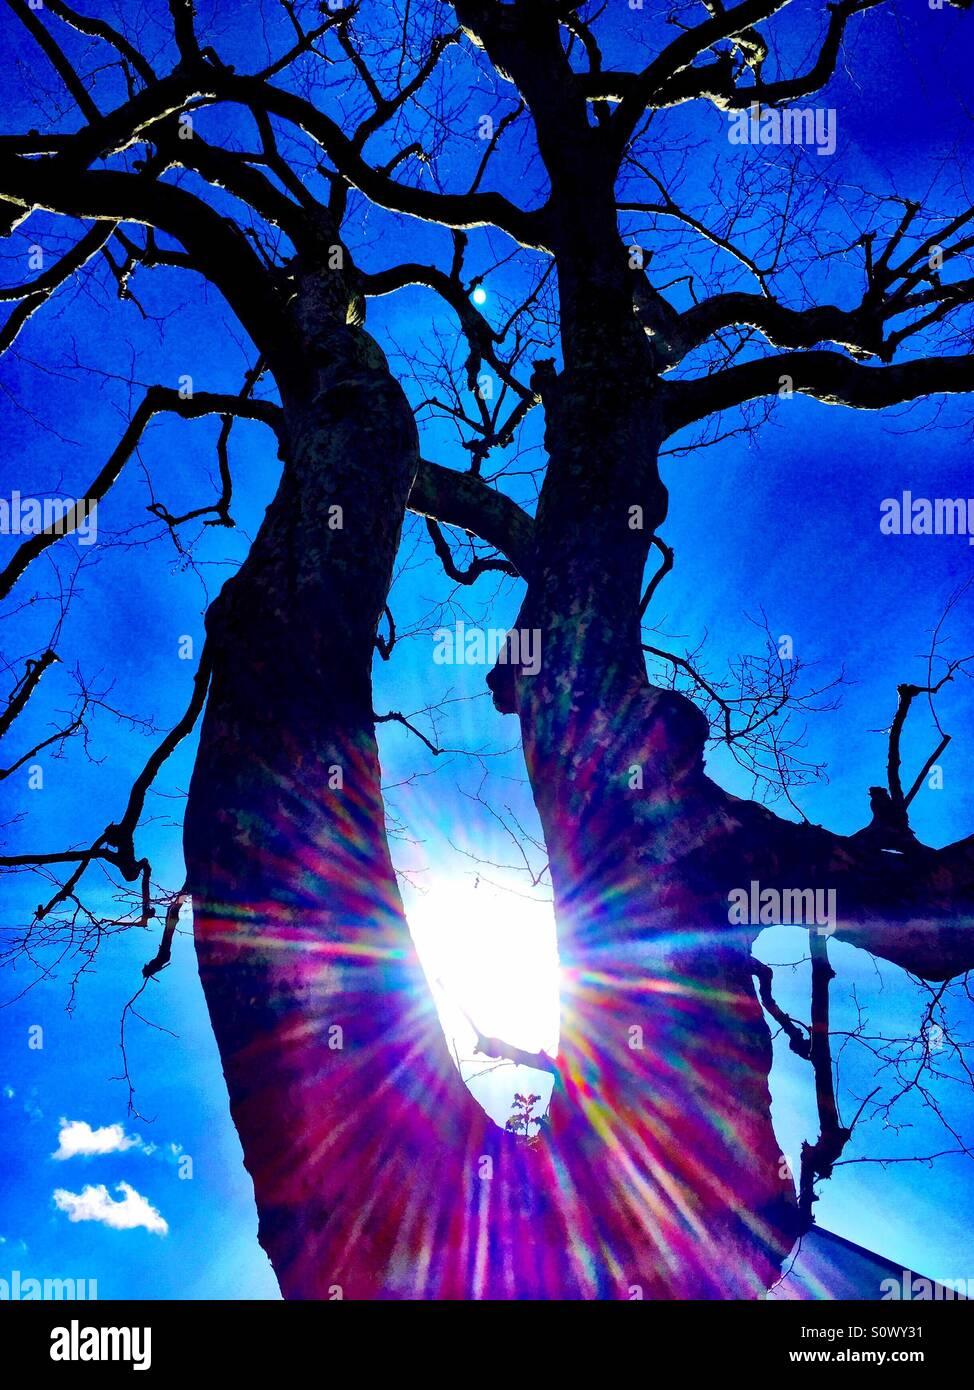 Sin hojas de árbol silueta retroiluminado con efecto de flair Imagen De Stock